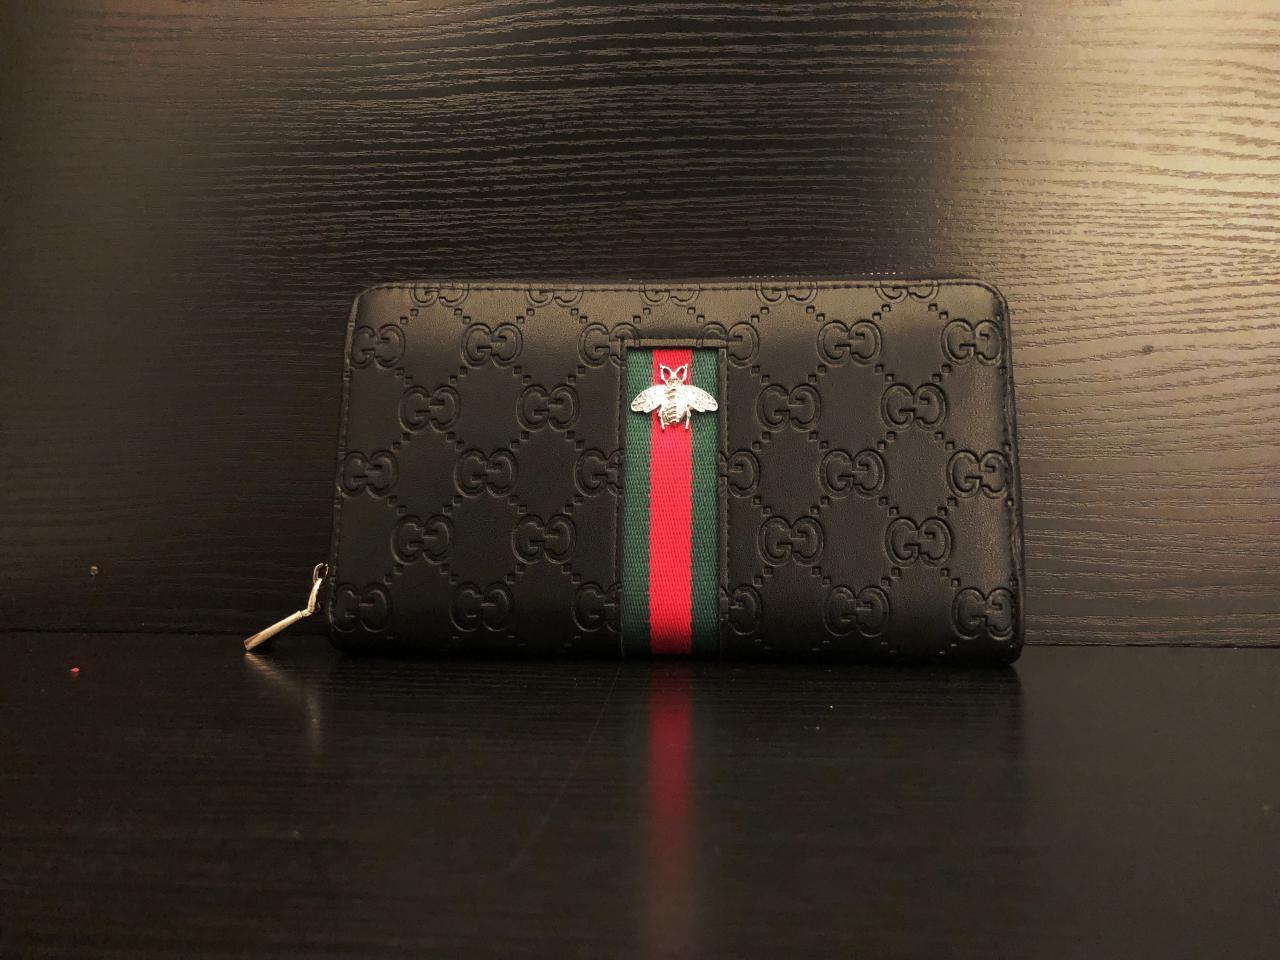 Мужской клатч Gucci(Гуччи), портмоне